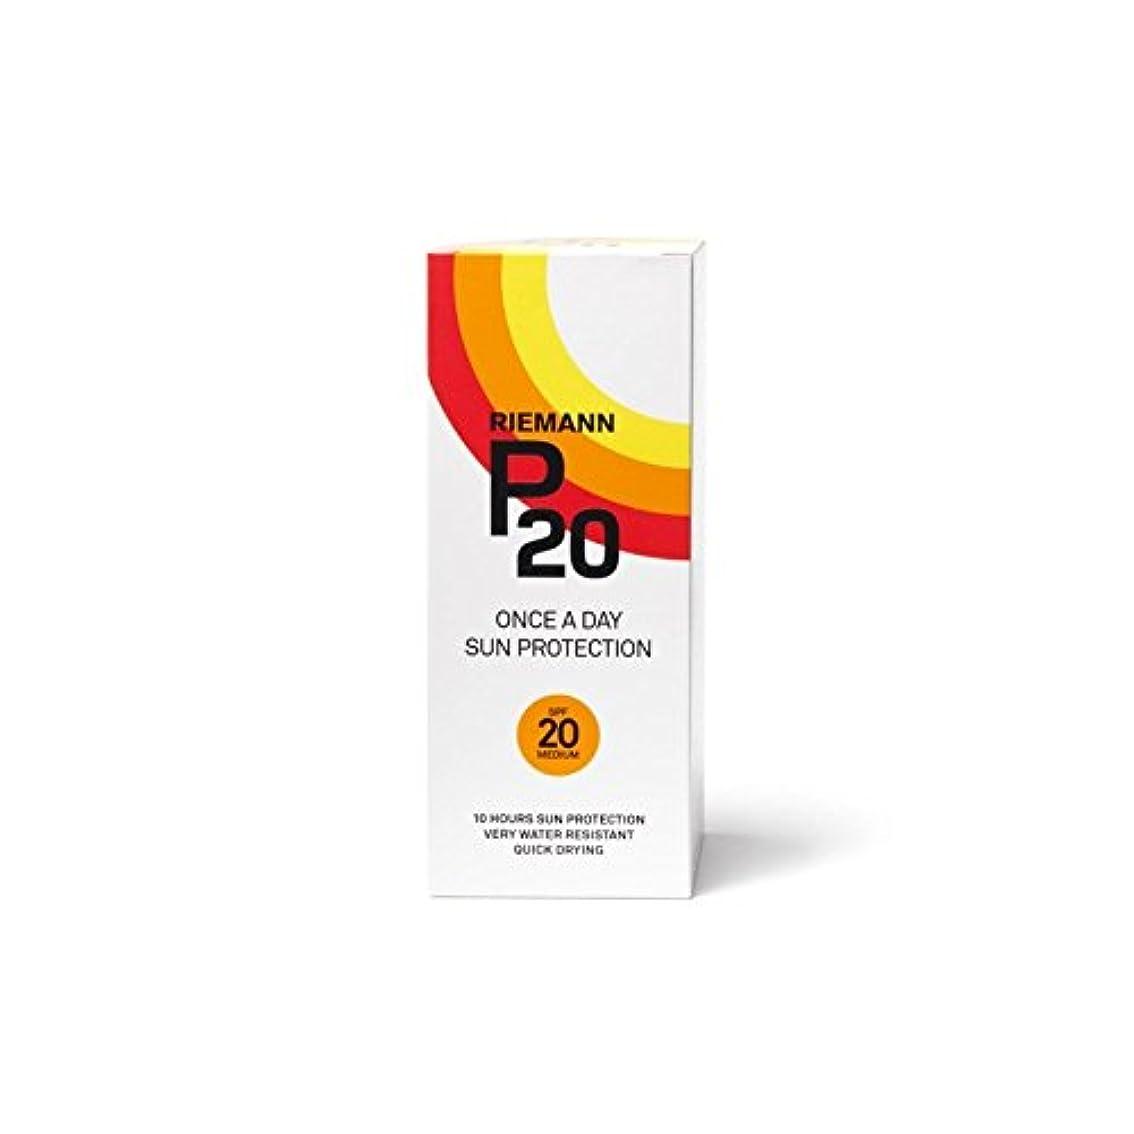 オリエンテーションレビュー間違いなくRiemann P20 Sun Filter 200ml SPF20 - リーマン20のサンフィルター200ミリリットル20 [並行輸入品]